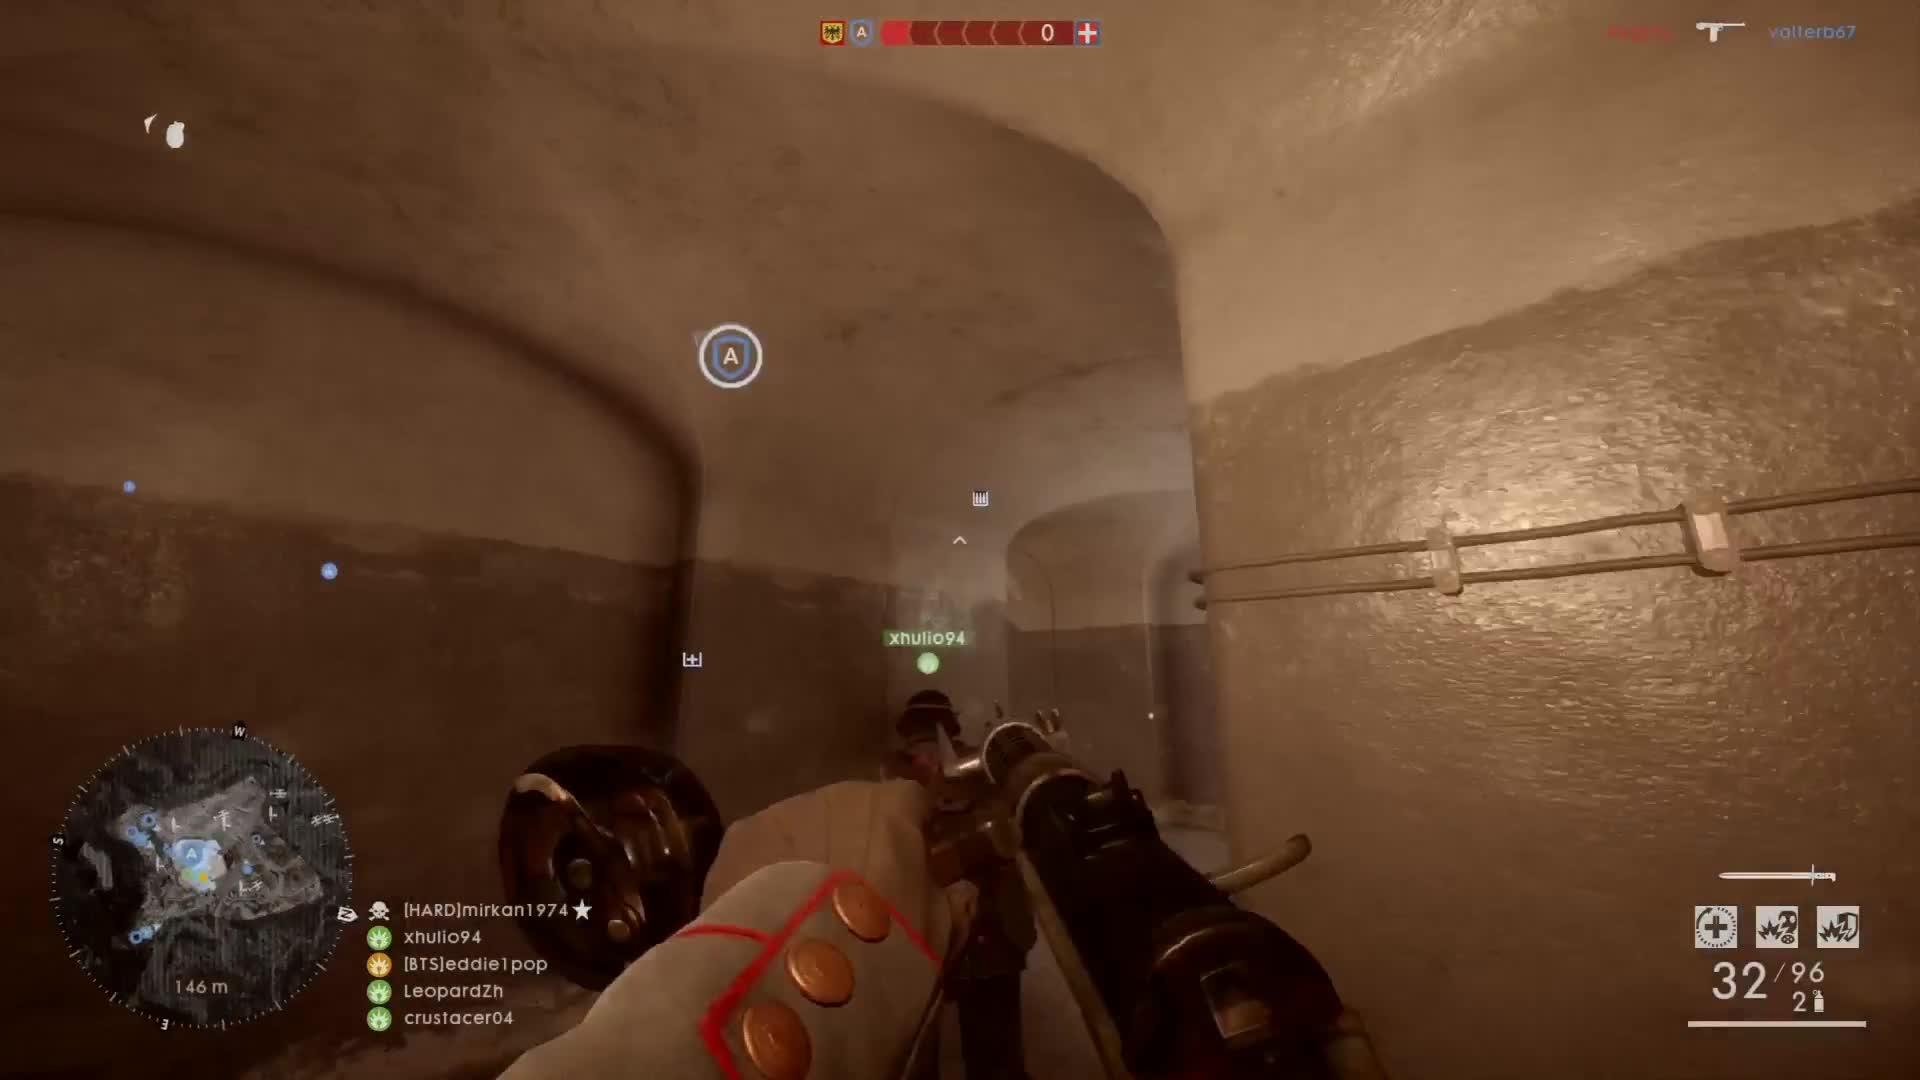 battlefield 1, gamng, Platform 9 3/4 GIFs